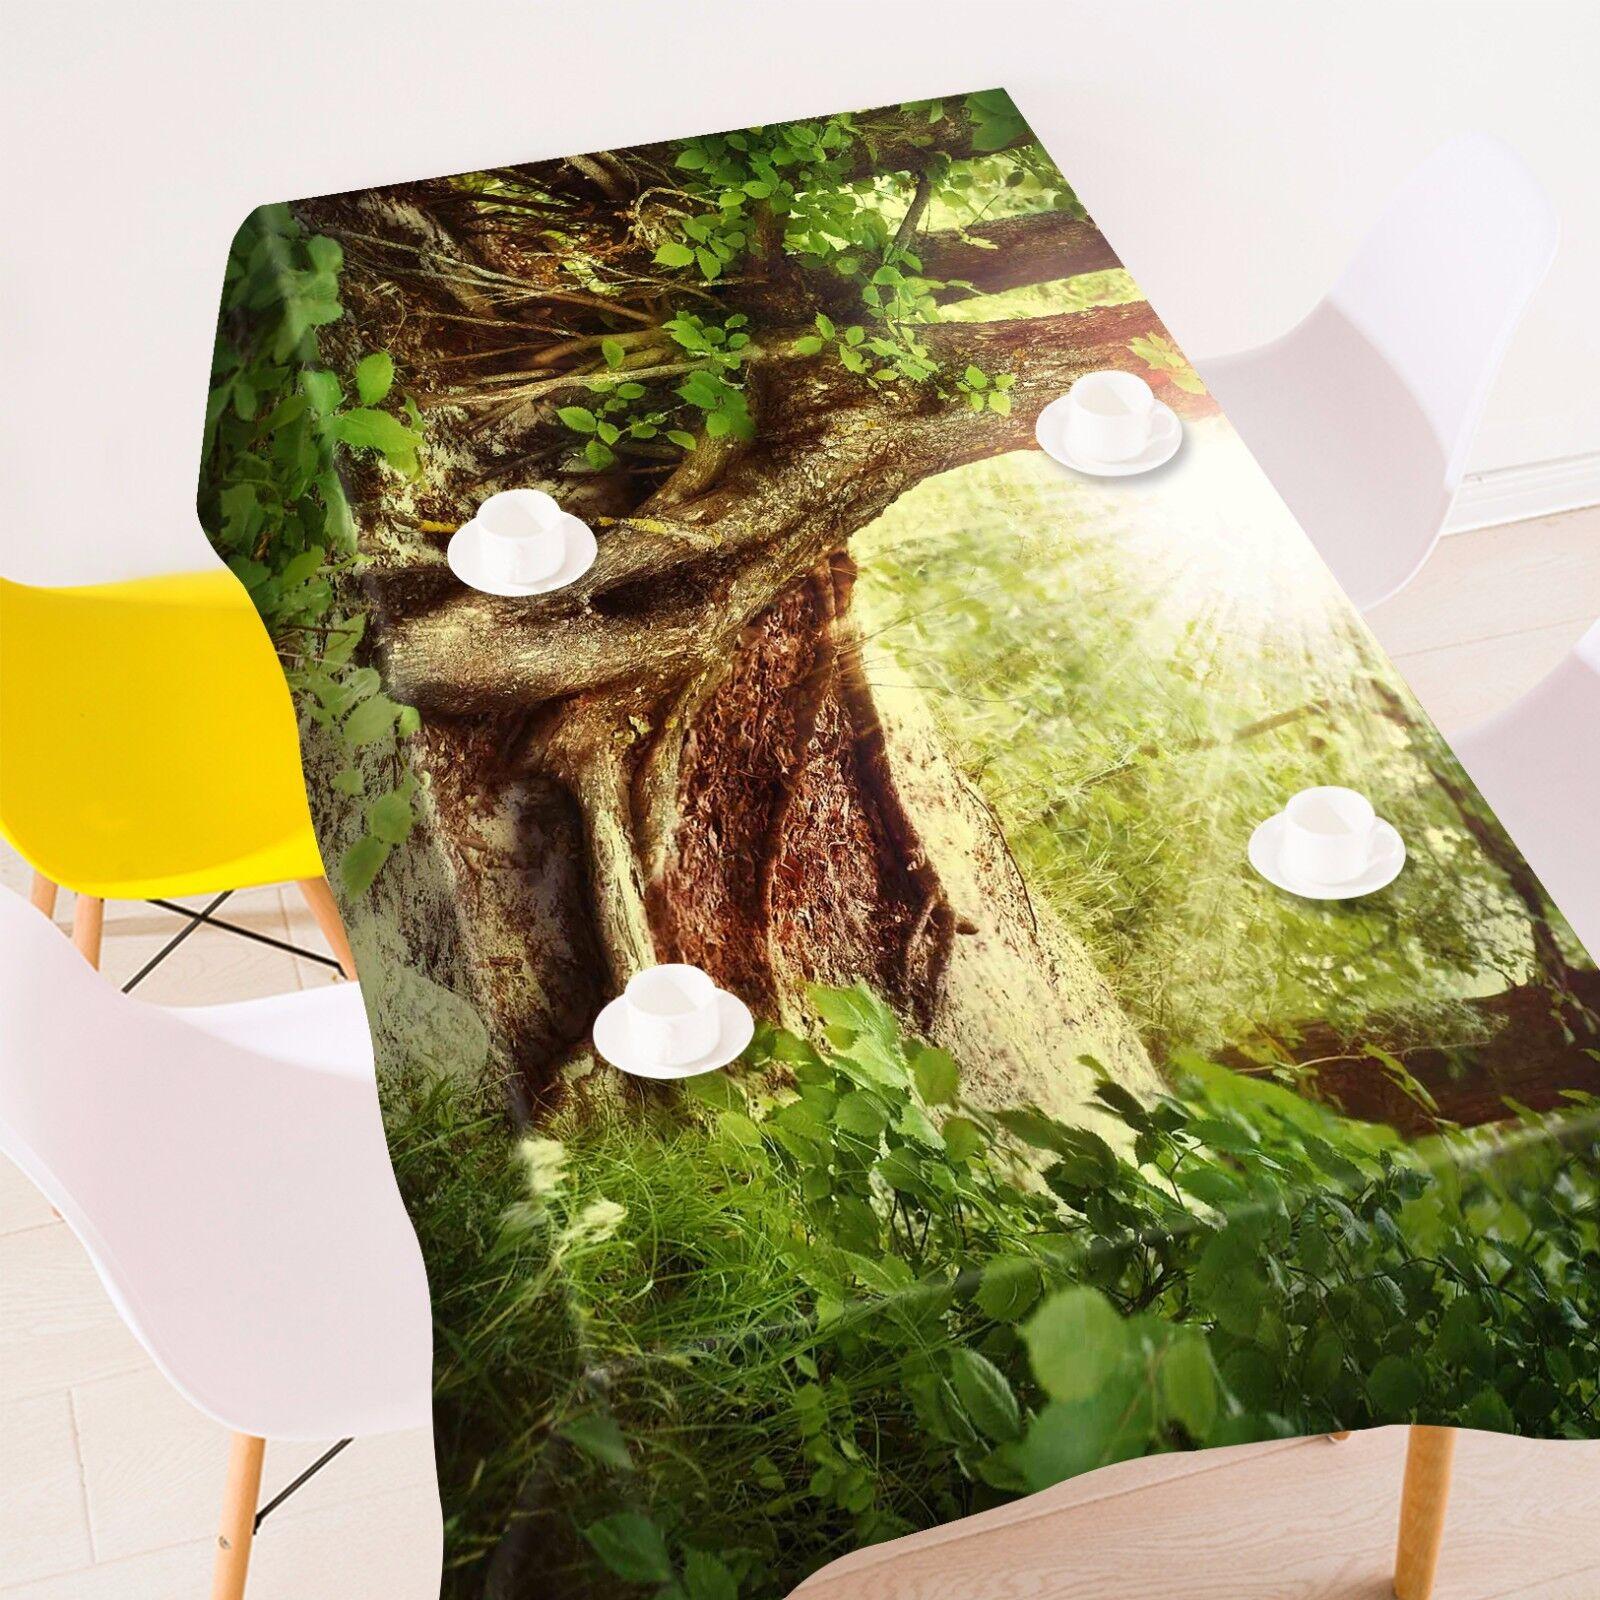 3D Arbre Racine Nappe Table Cover Cloth fête d'anniversaire AJ papier peint Royaume-Uni Citron